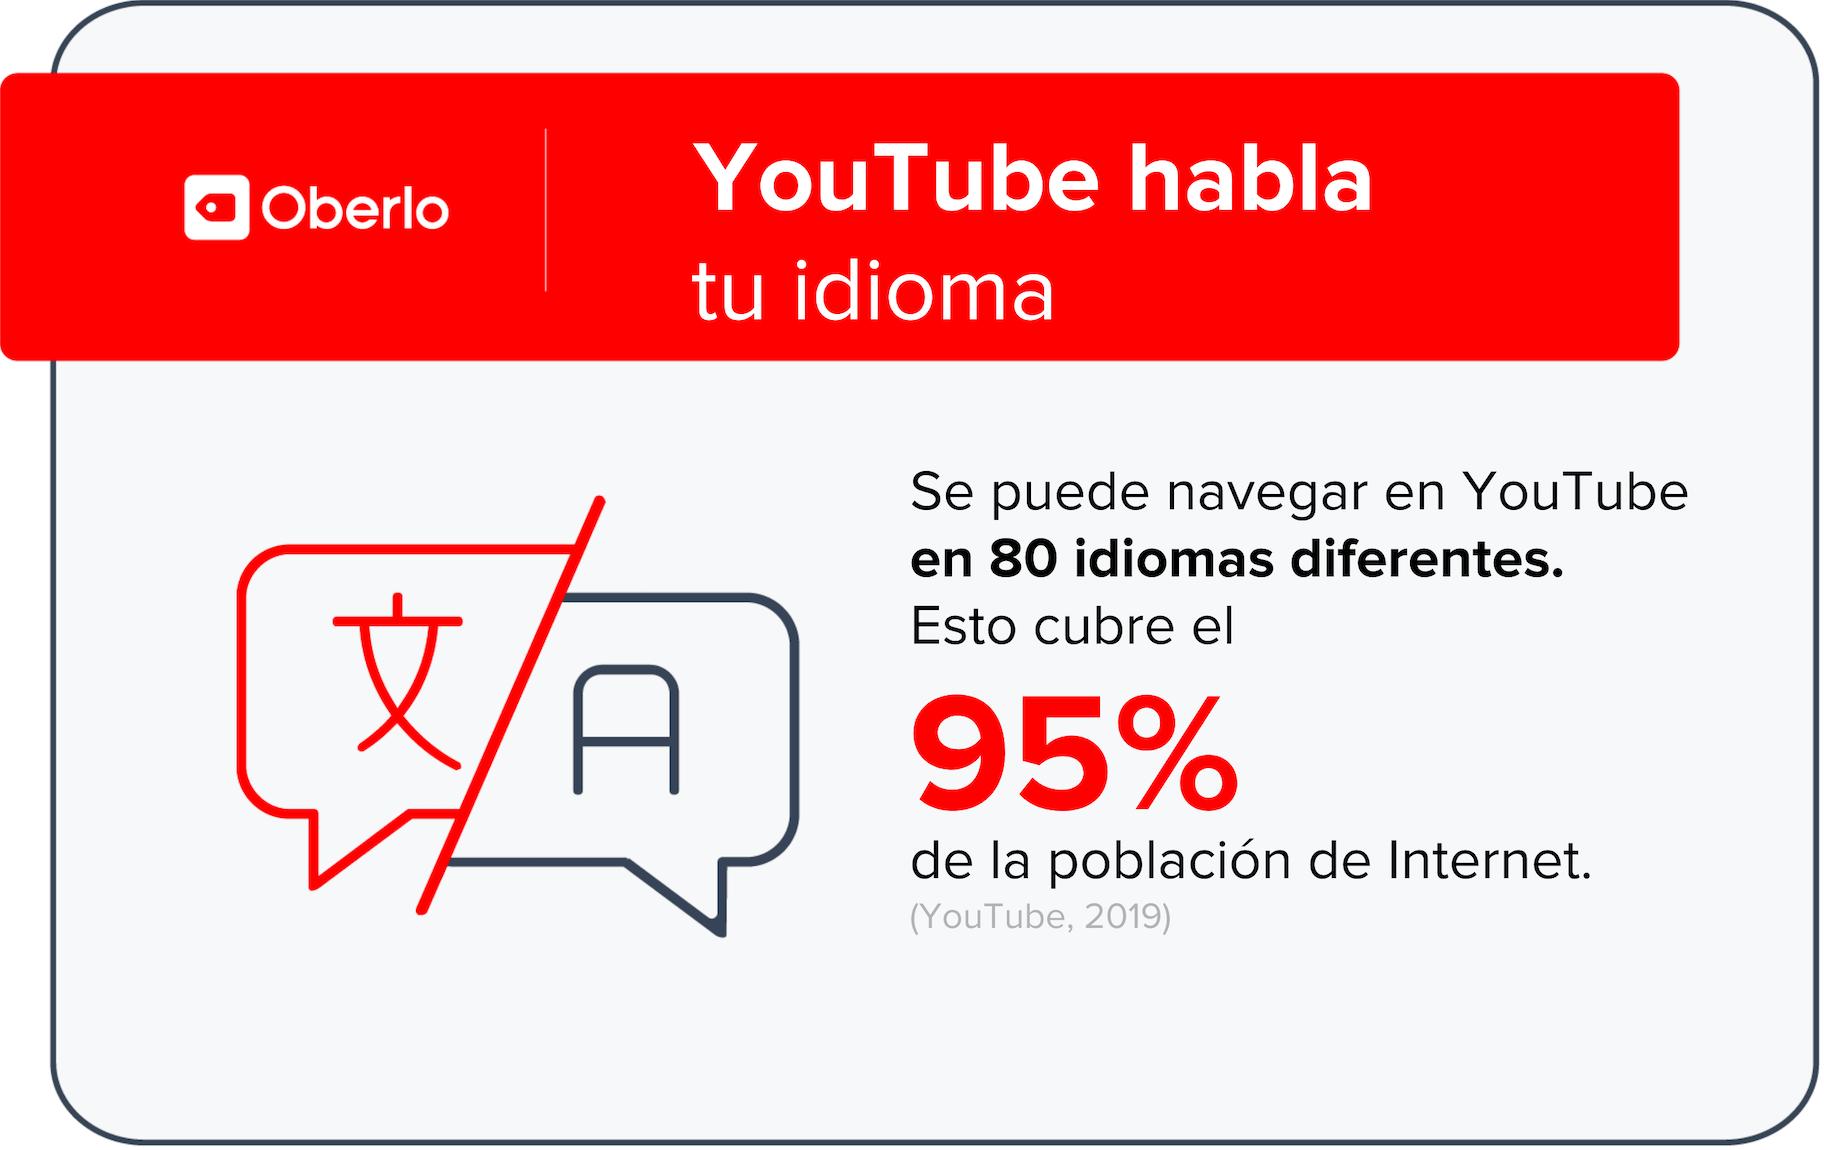 Estadisticas-YouTube-habla-tu-idioma